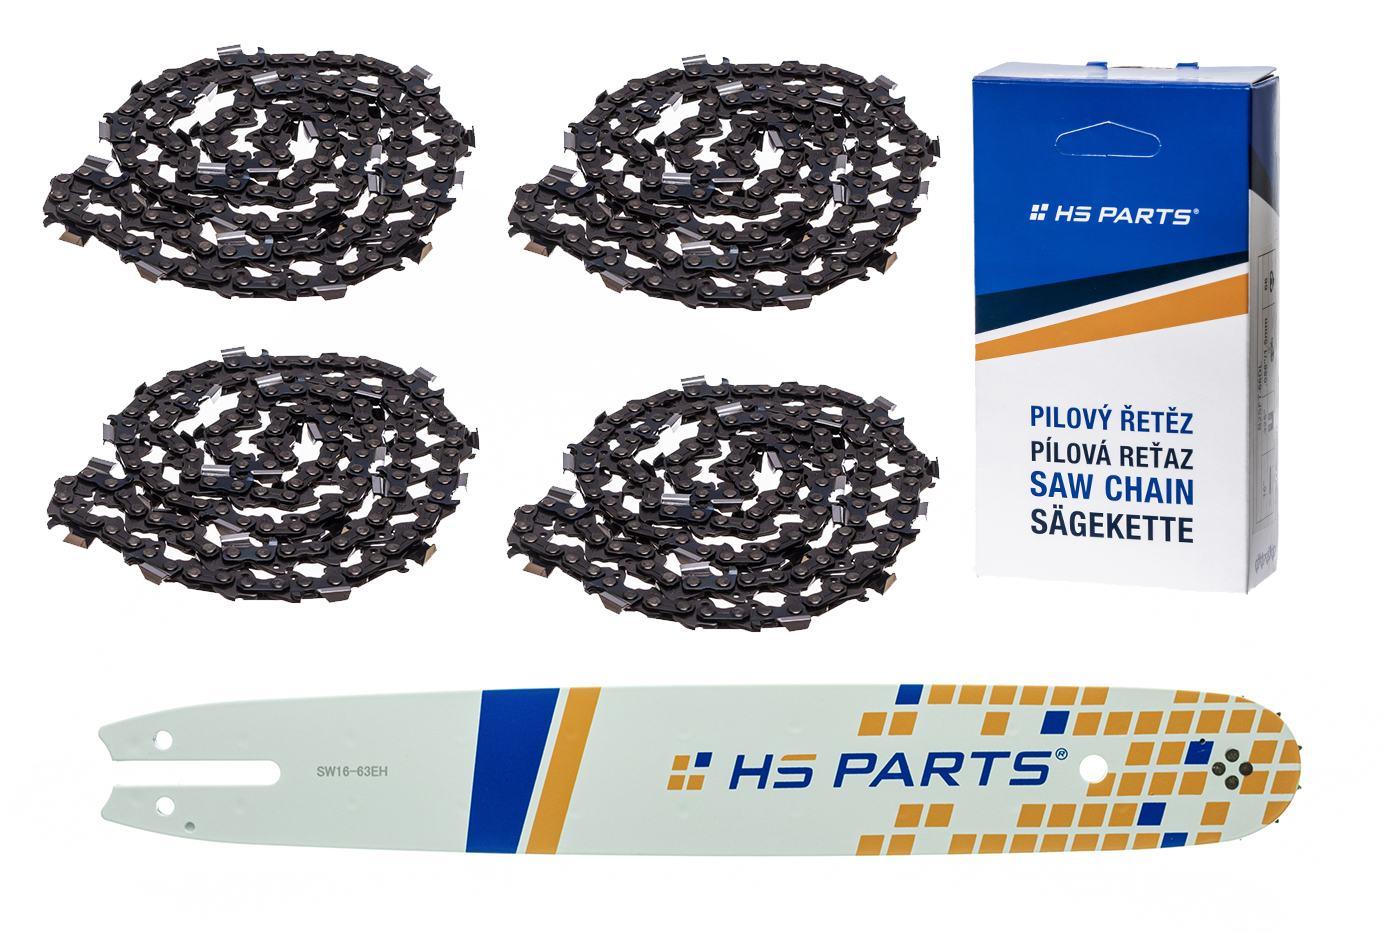 """HS PARTS Akční set vodící lišta 16"""" (40 cm) .325"""" .063"""" (1,6 mm) + 4 x pilový řetěz 62 čl."""